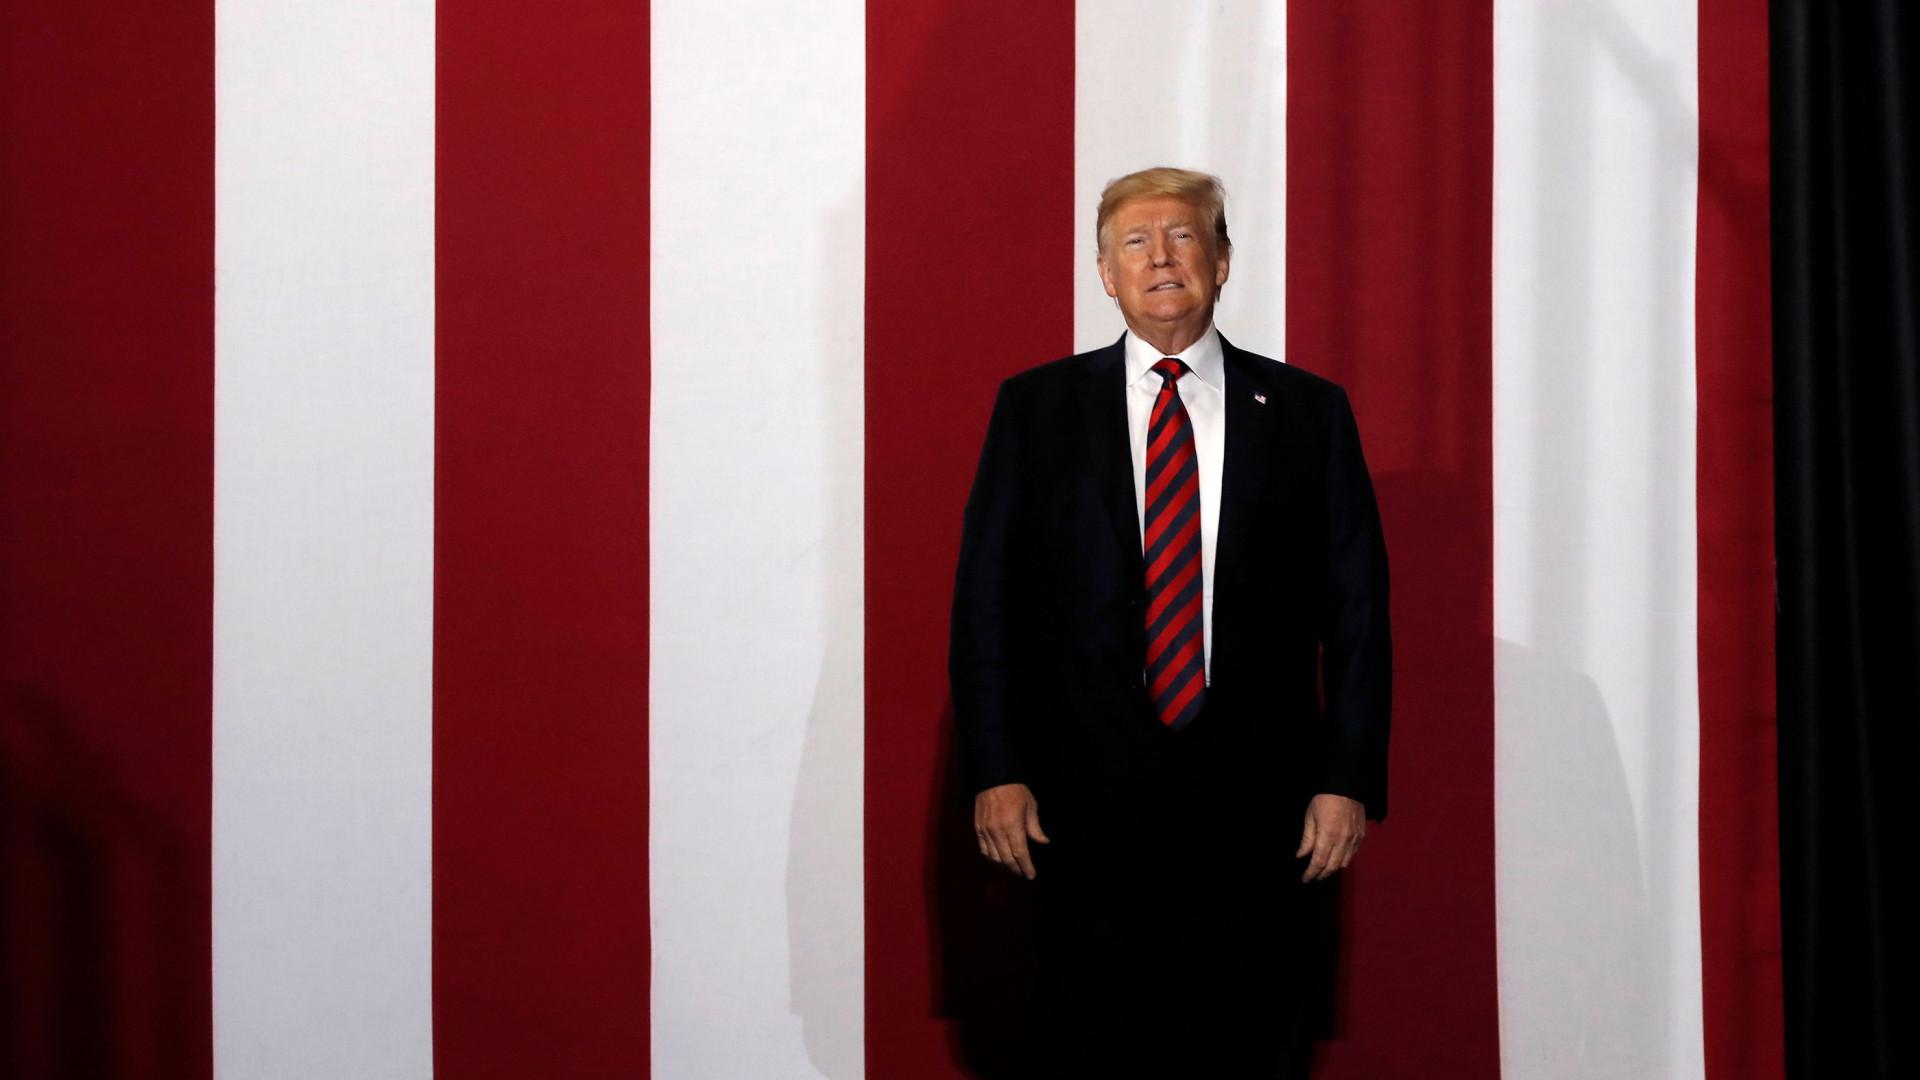 """Acusações contra juiz são """"totalmente políticas"""", garante Trump"""